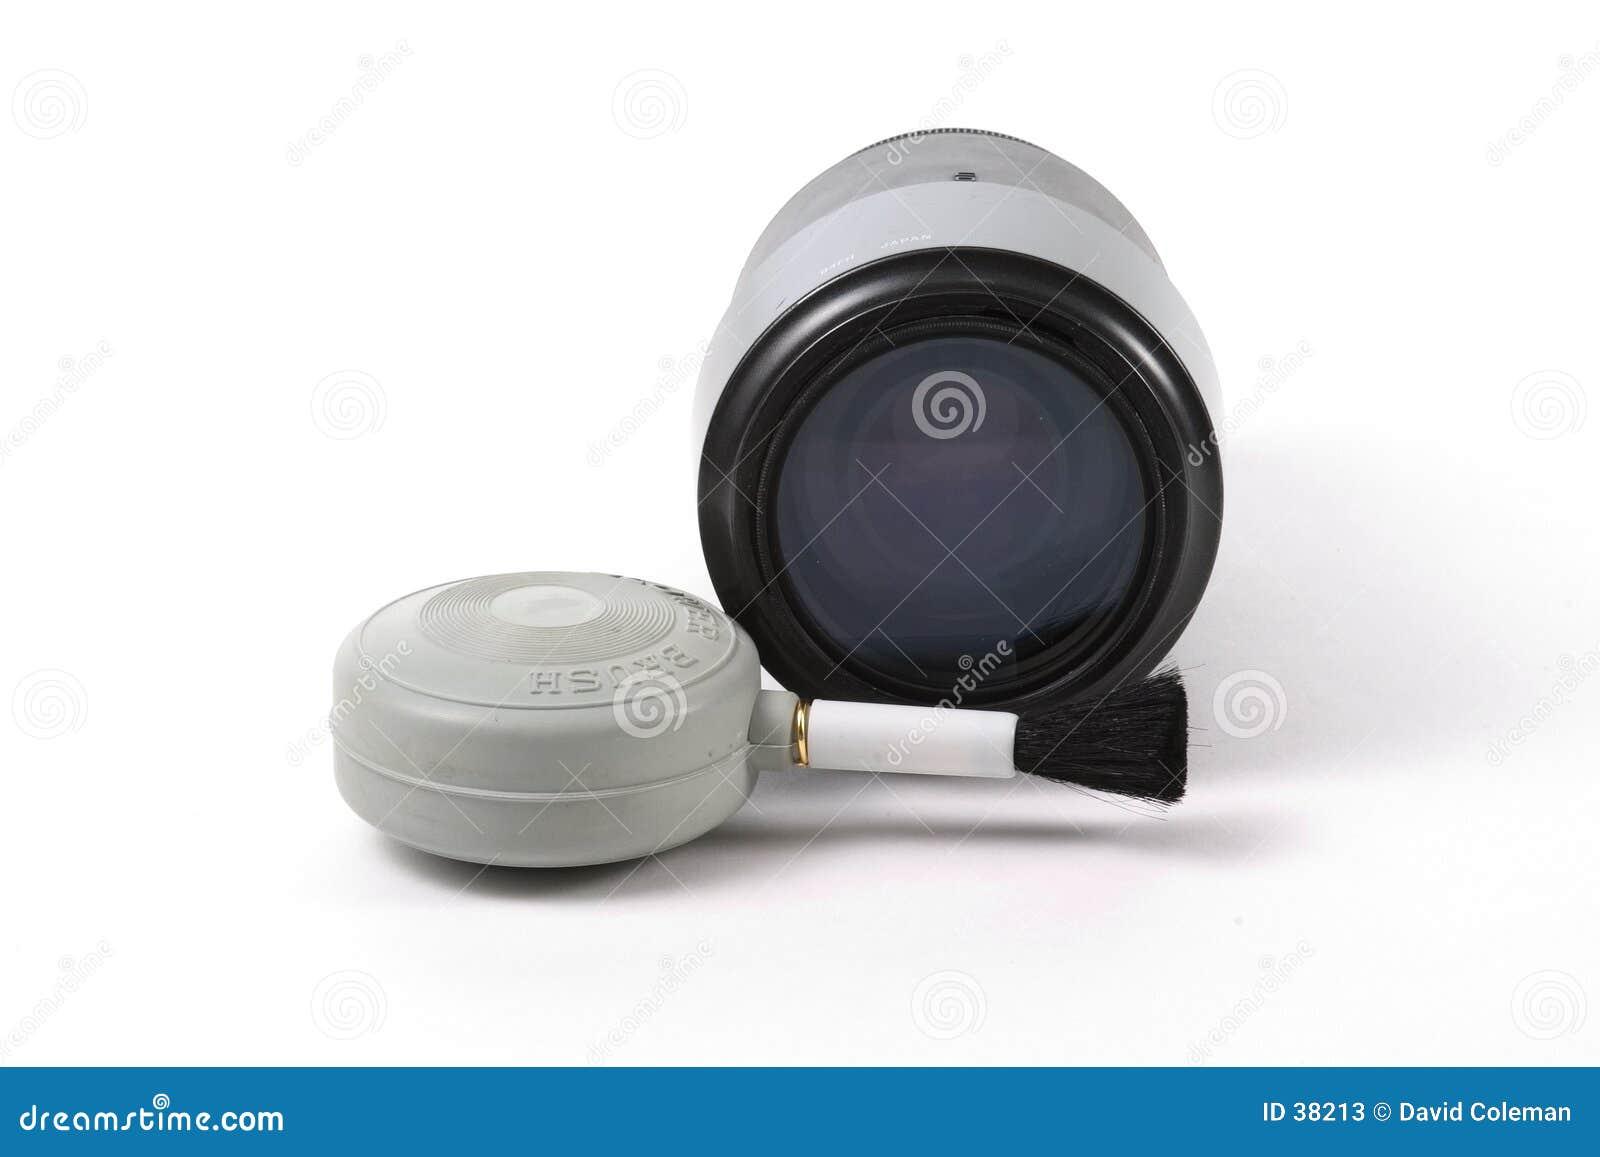 Lense щетки воздуходувки